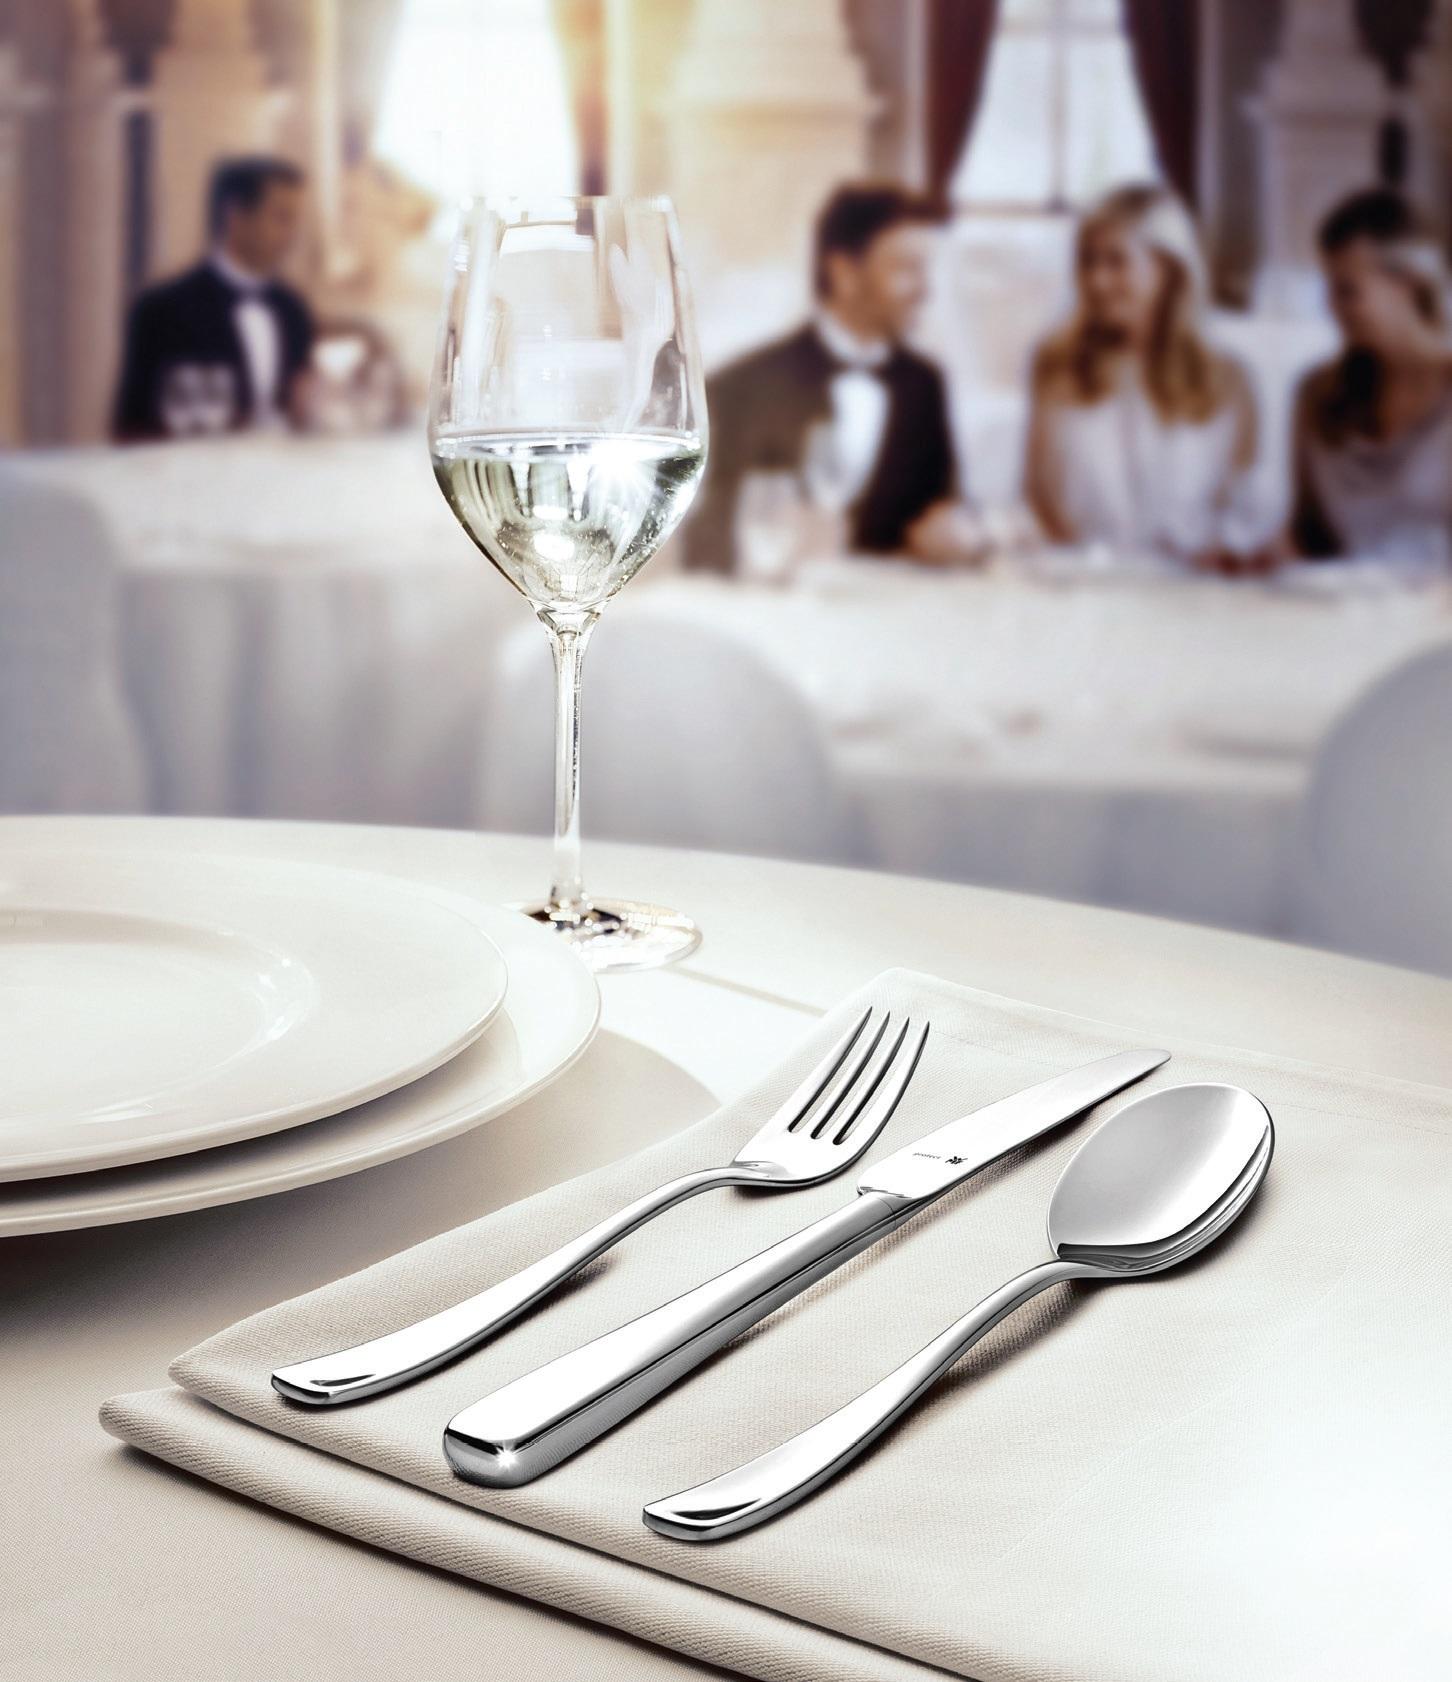 Vestuvinio stalo visuma neįsivaizduojama be kokybiškų, estetiškų bei malonių laikyti įrankių. Jų gali pasiūlyti Vokietijos gamintojas WMF